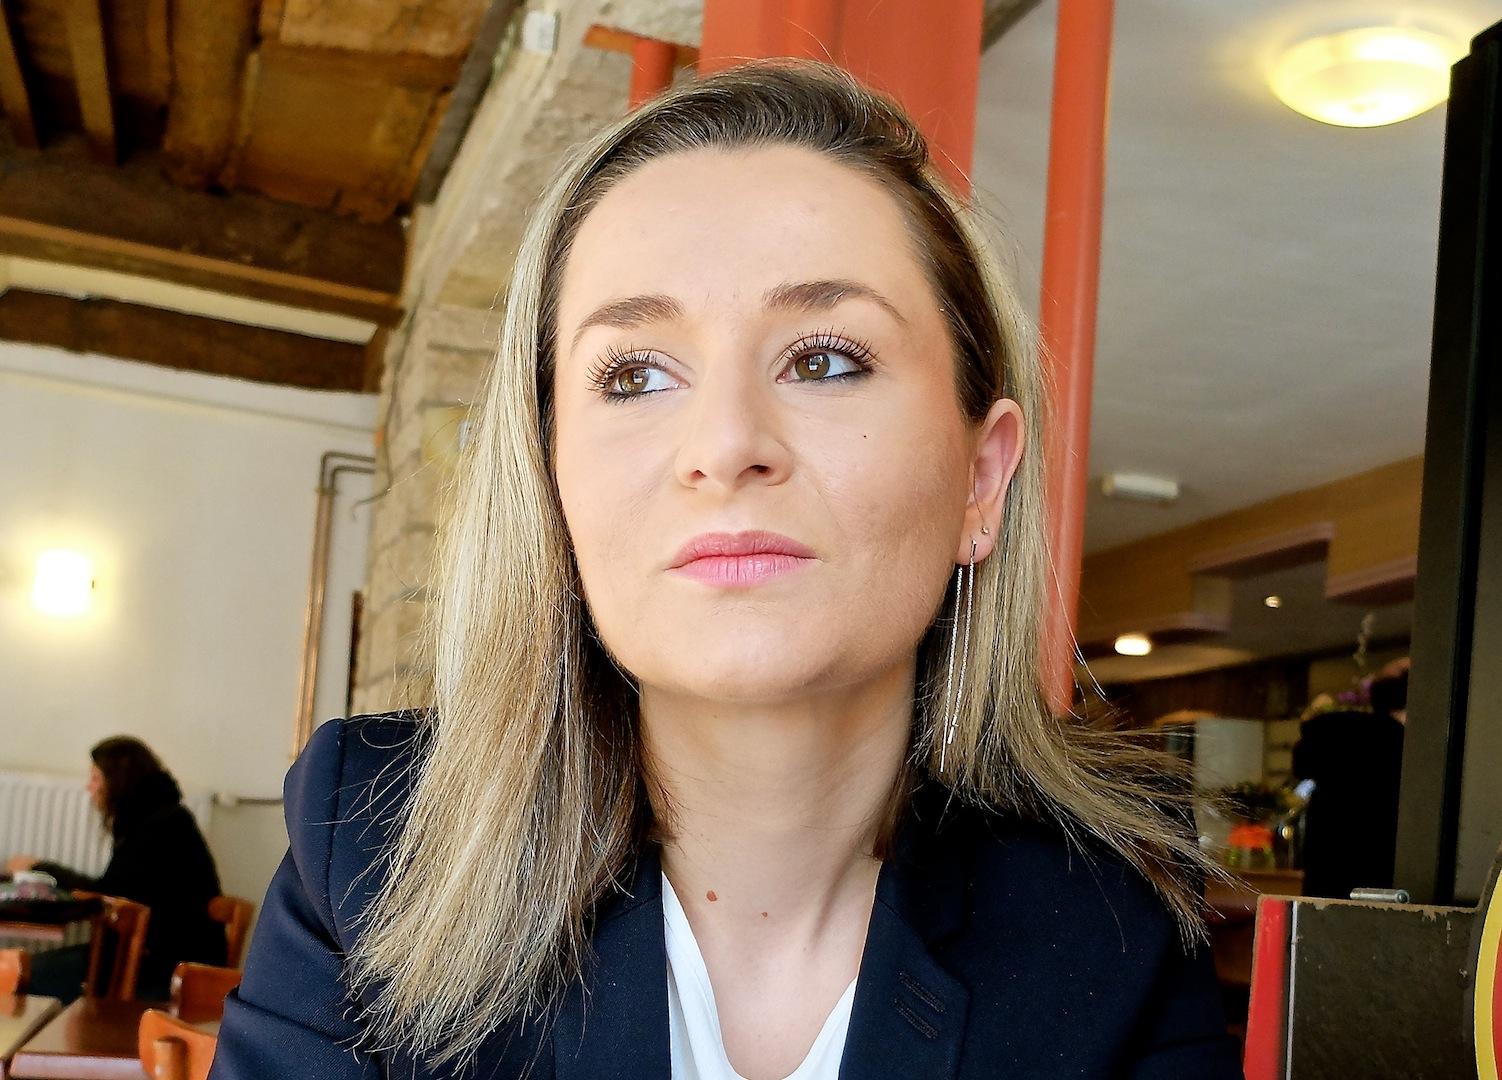 Alexandra Cordier, référente départementale d'En Marche Doubs : « j'appartiens à la nouvelle génération de progressistes... » (Photos Daniel Bordur)